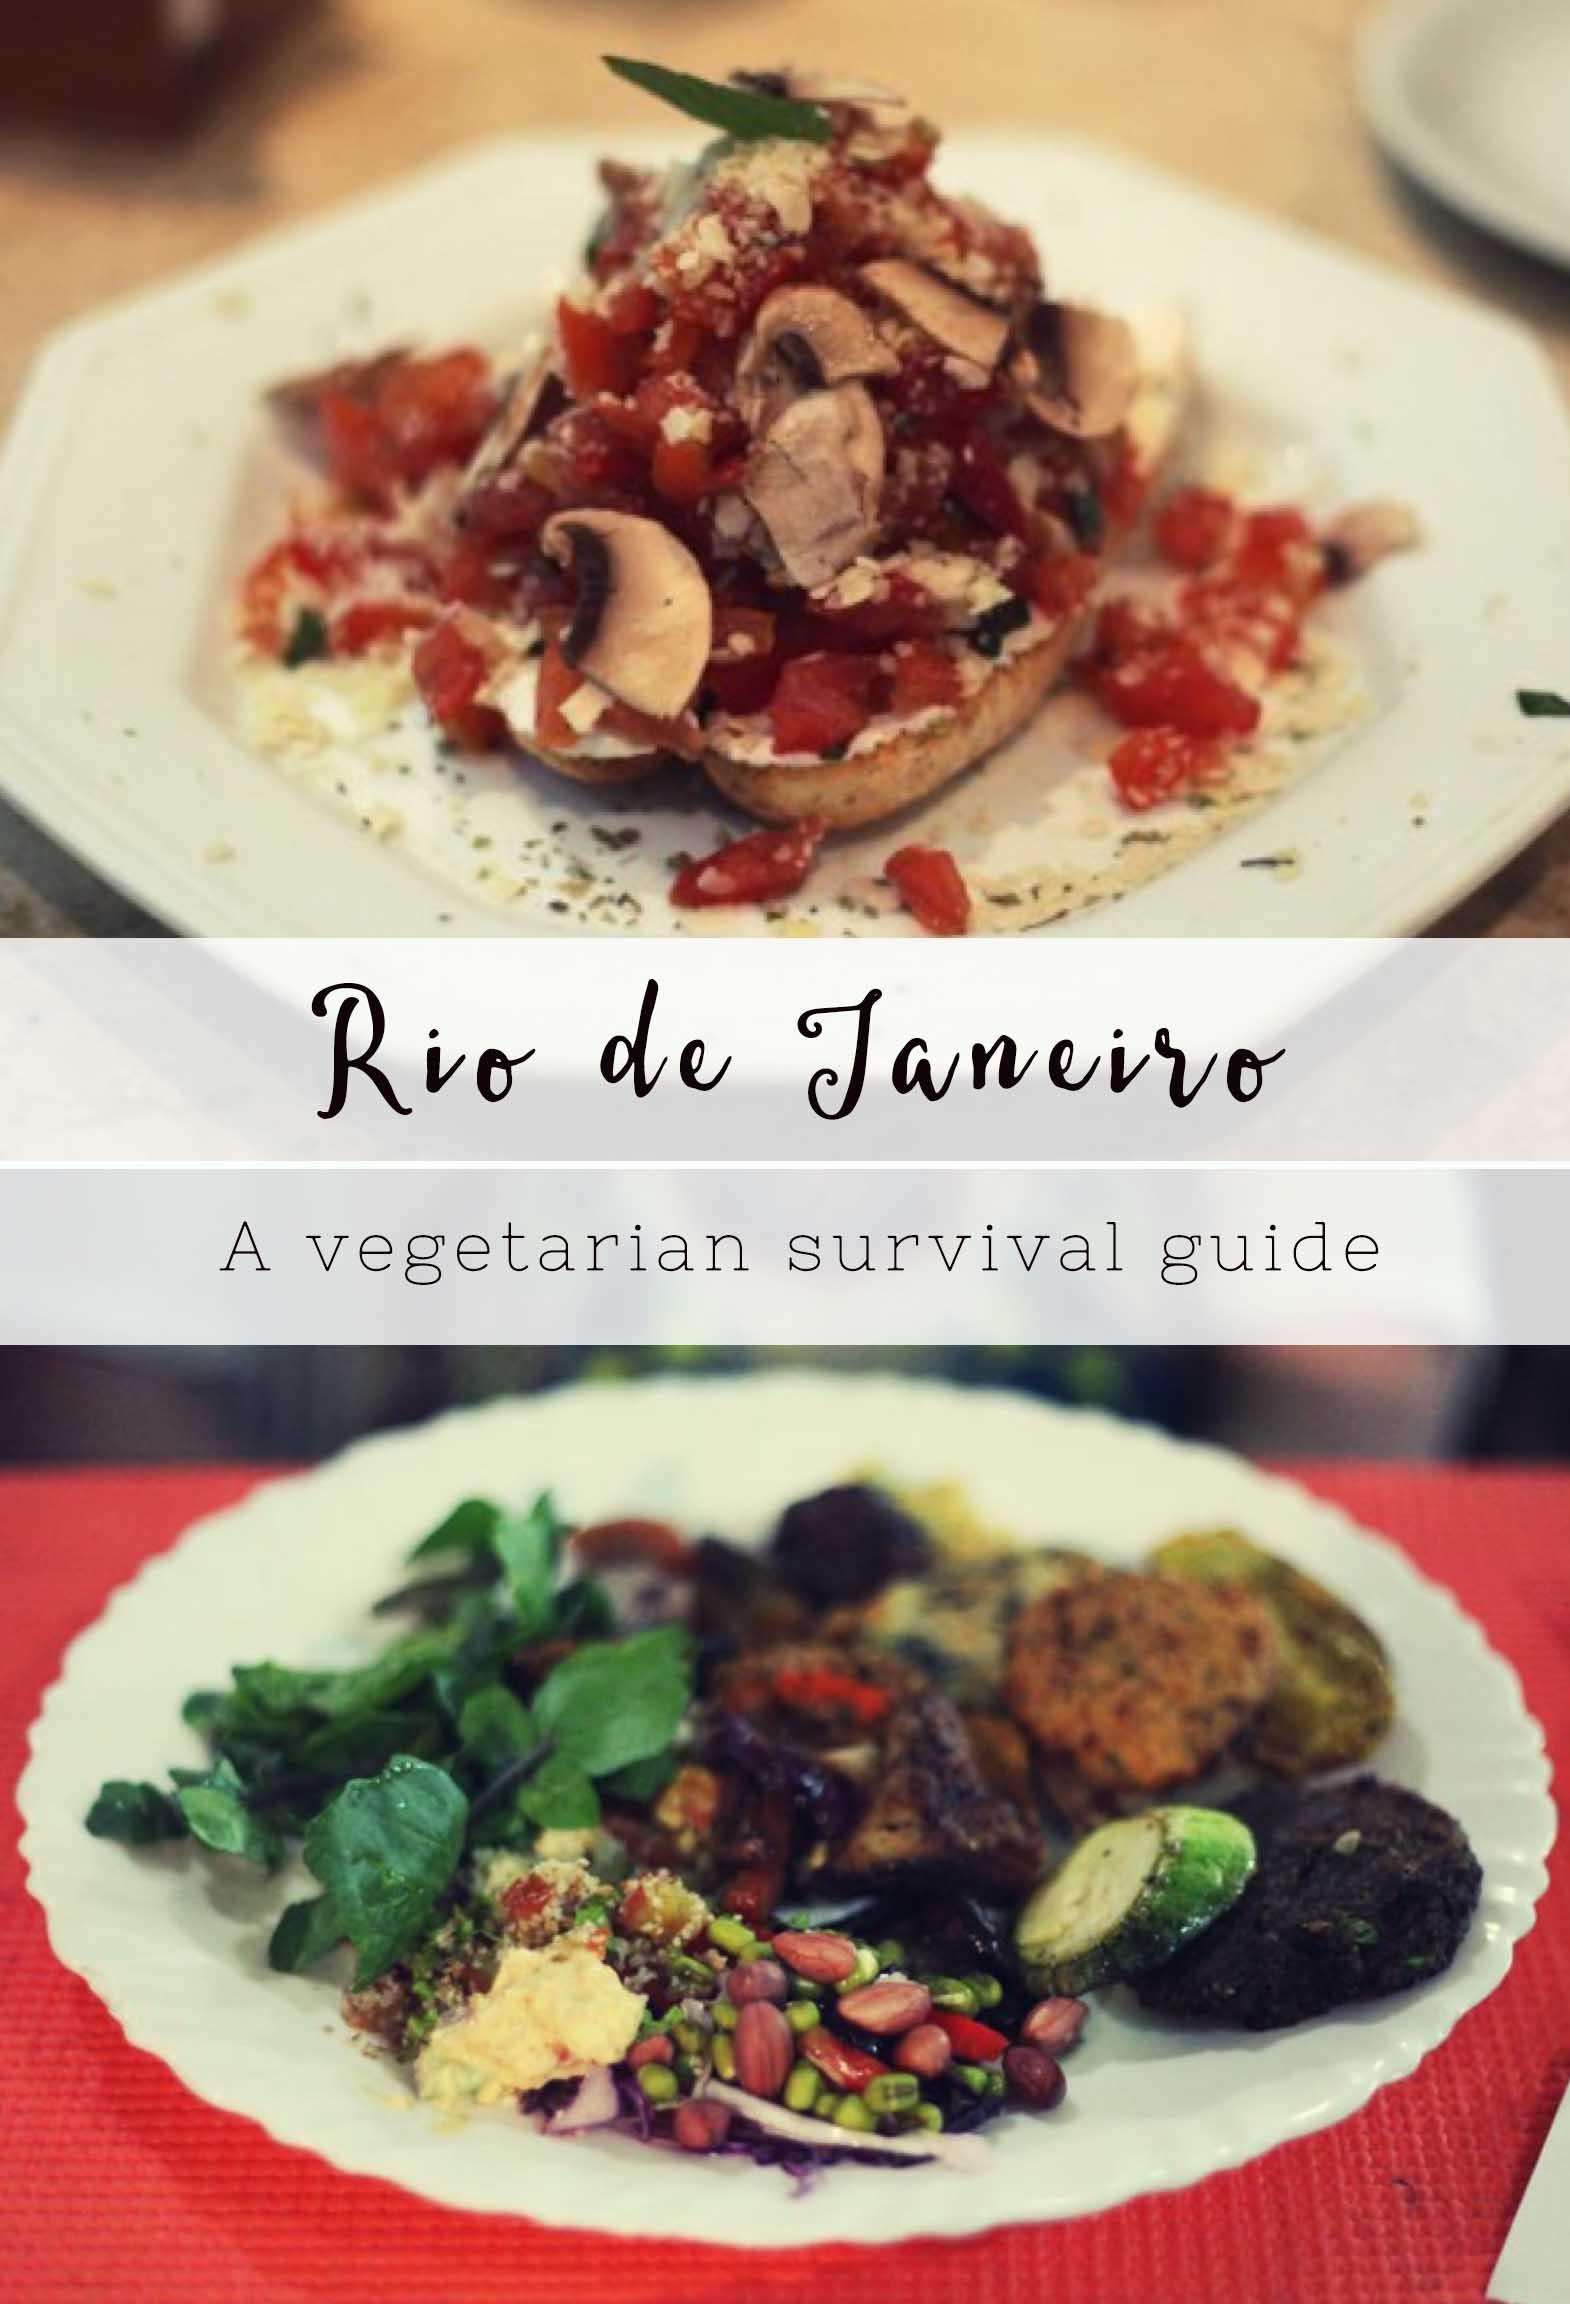 The best vegetarian restaurants in Rio de Janeiro